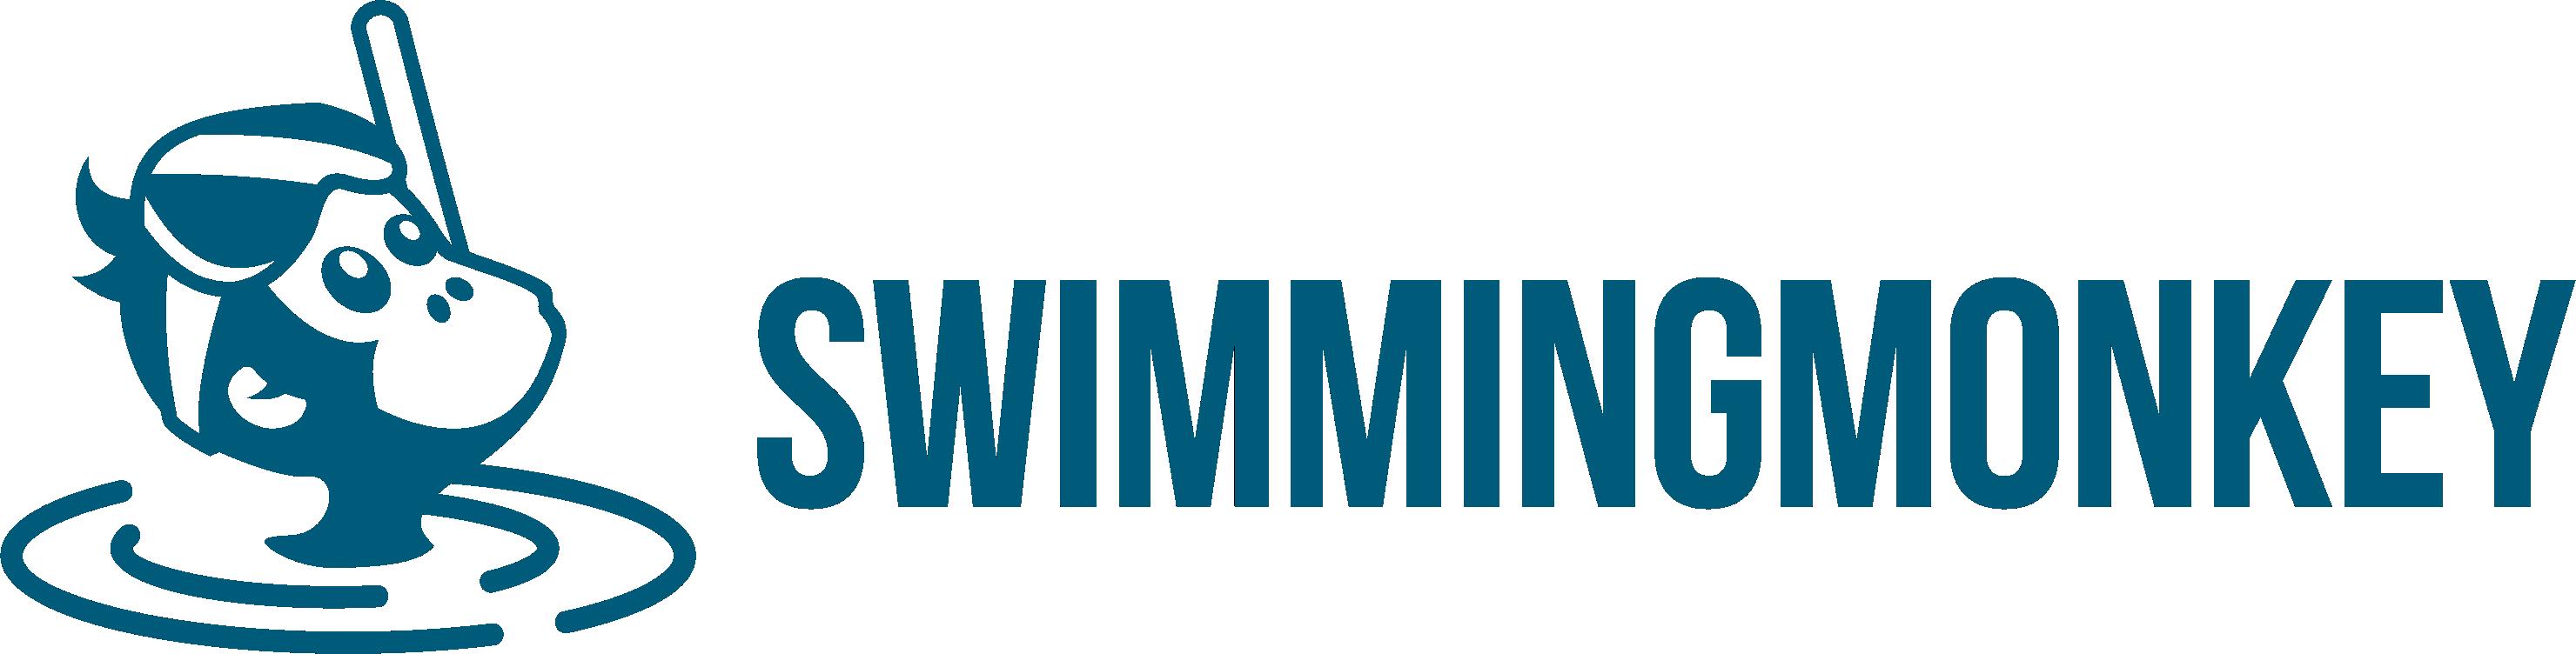 SwimmingMonkey